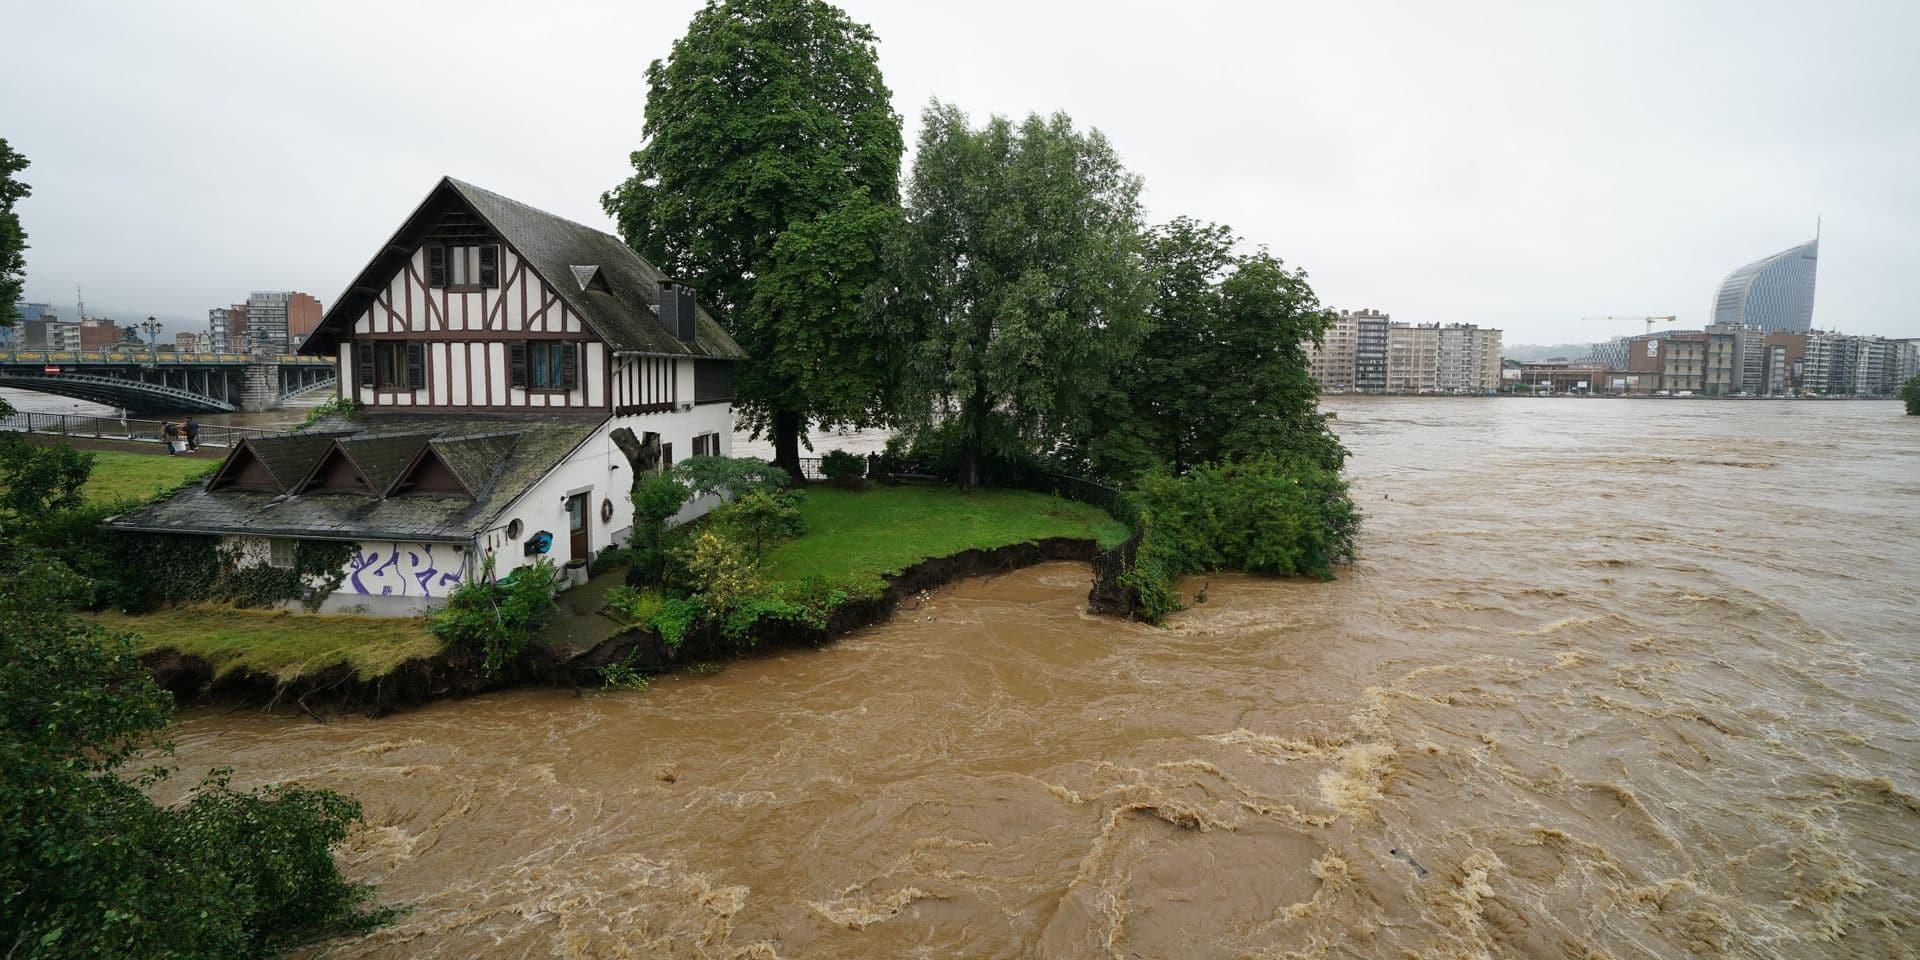 Intempéries : 900 personnes évacuées, 15 hospitalisées et un décès en Province du Luxembourg